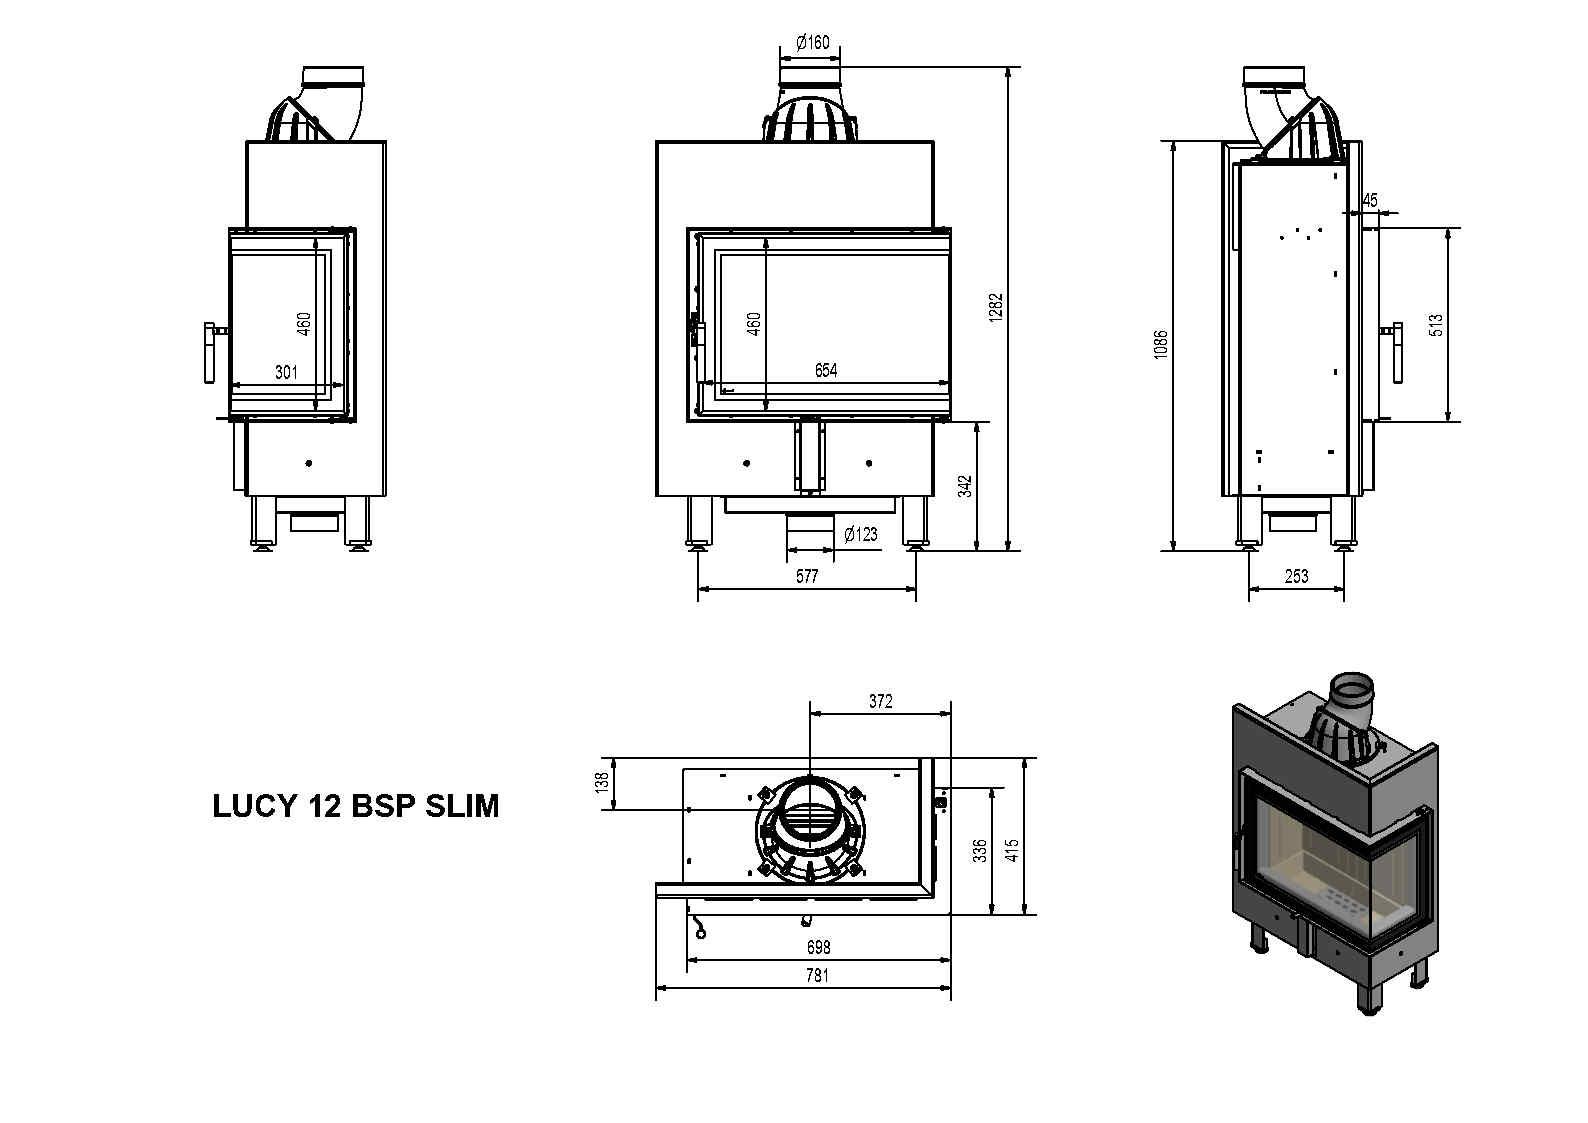 LUCY12BSP SLIM - rys. techniczny